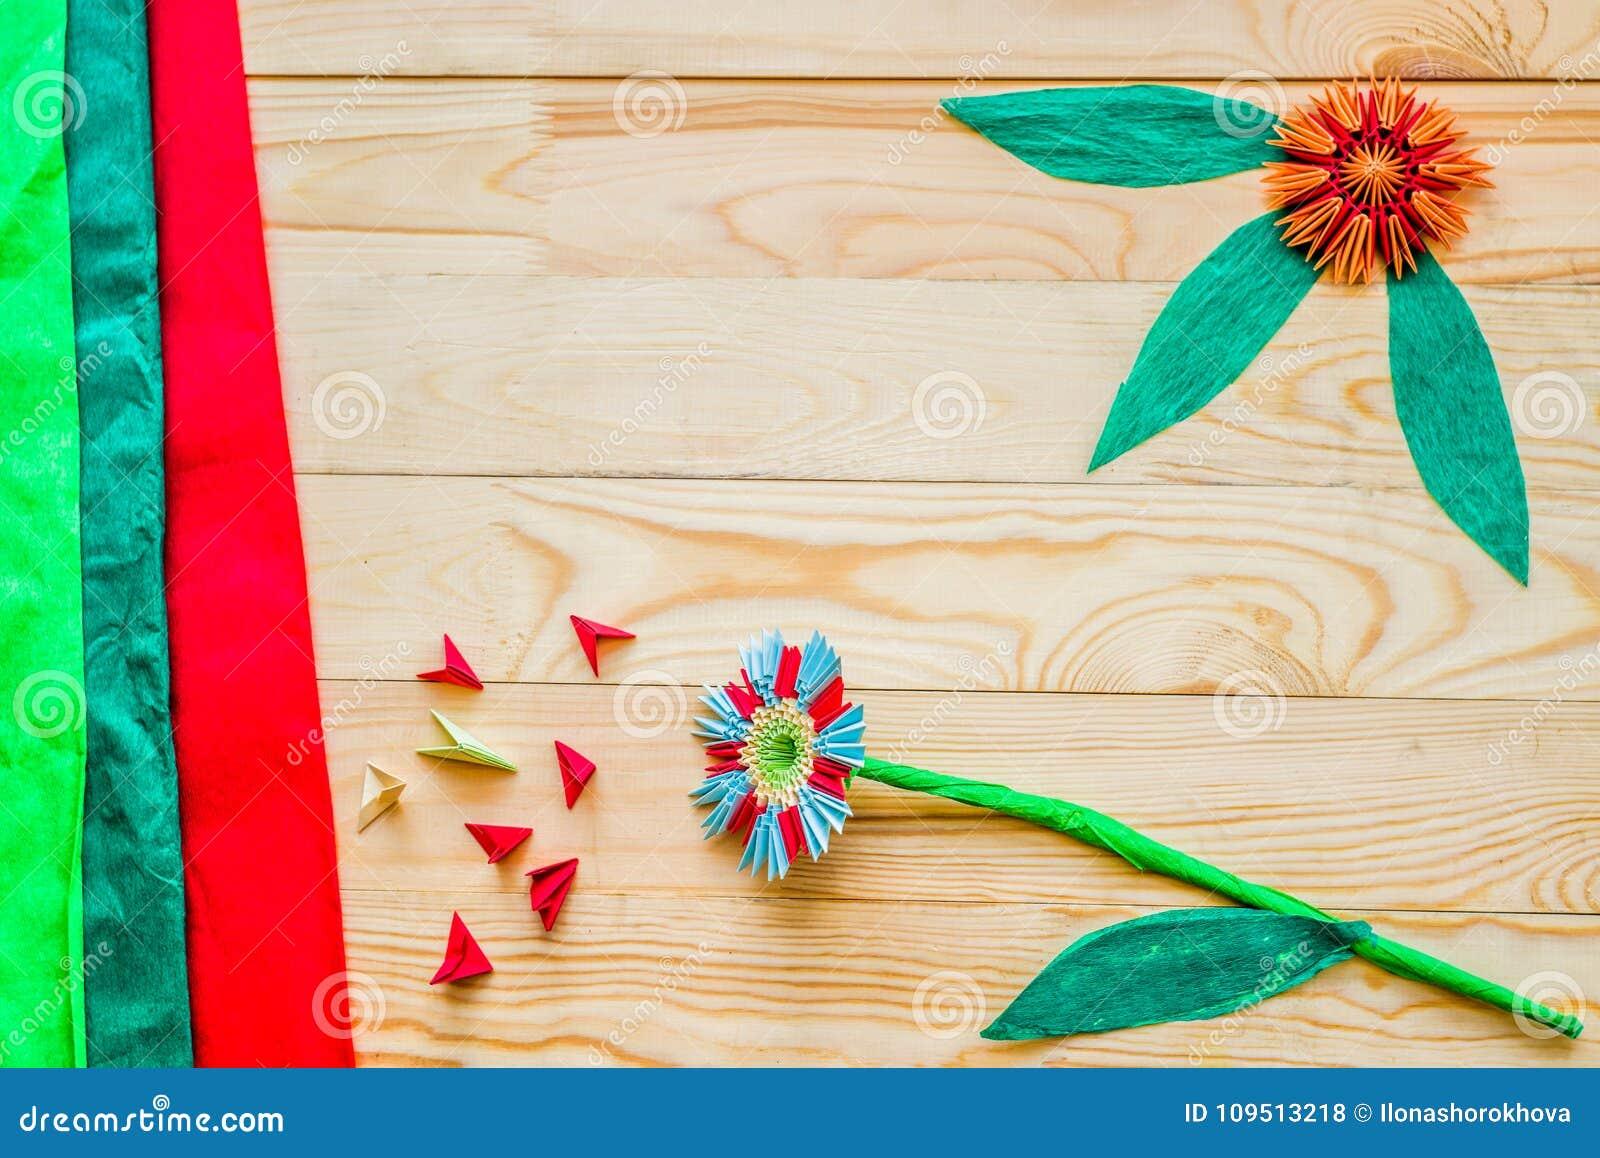 La Papiroflexia Modular Florece En Fondo De Madera Rústico